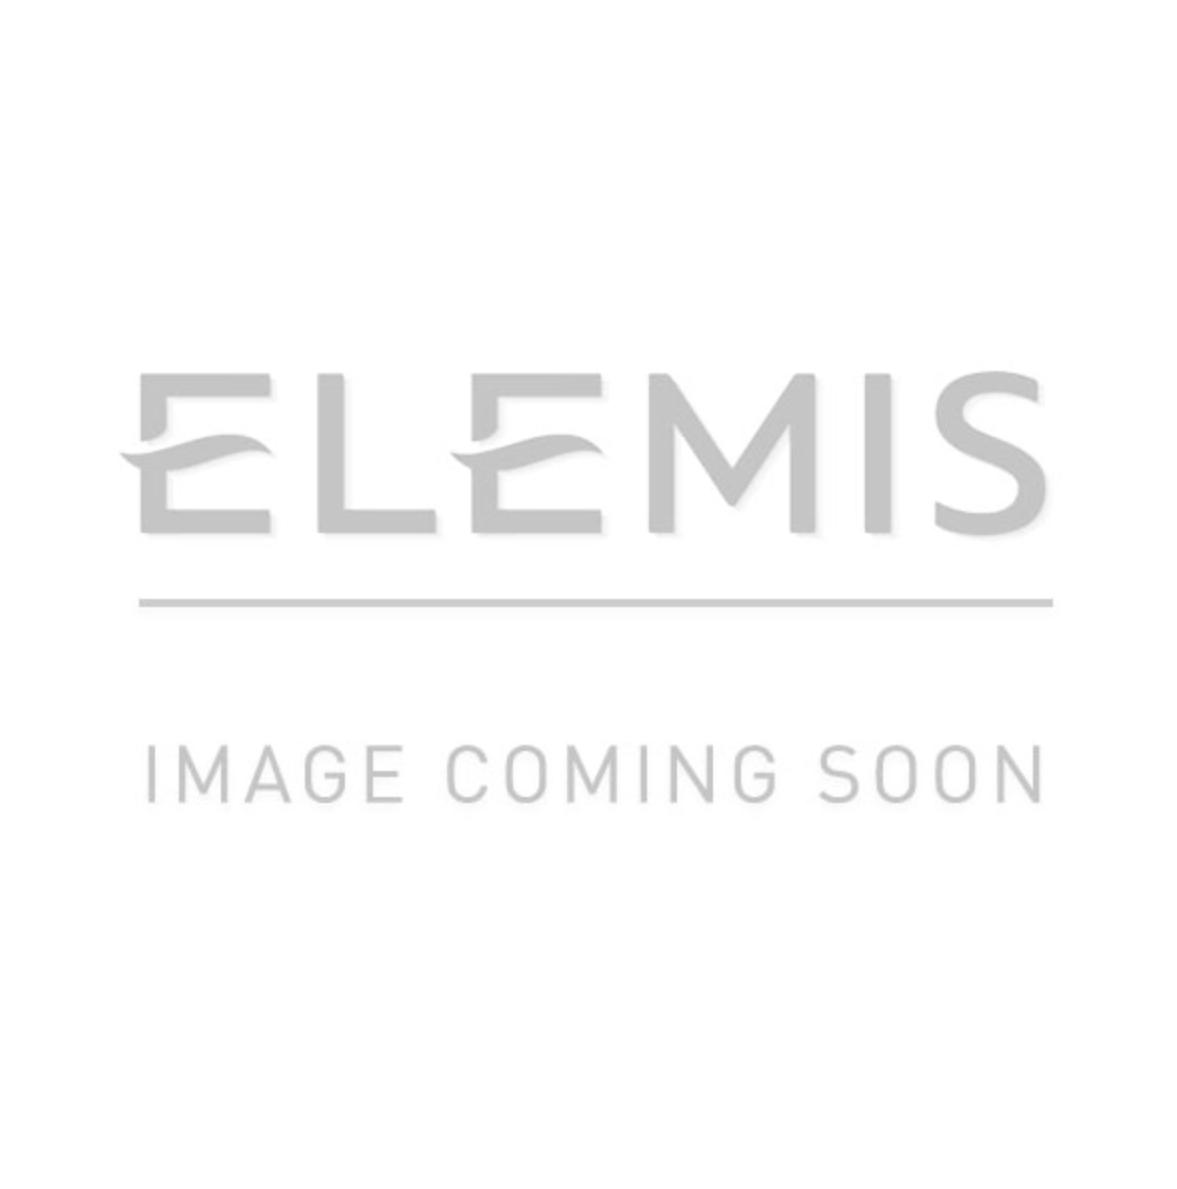 ELEMIS Pro Collagen Hydra Gel Eye Masks 6 Pack